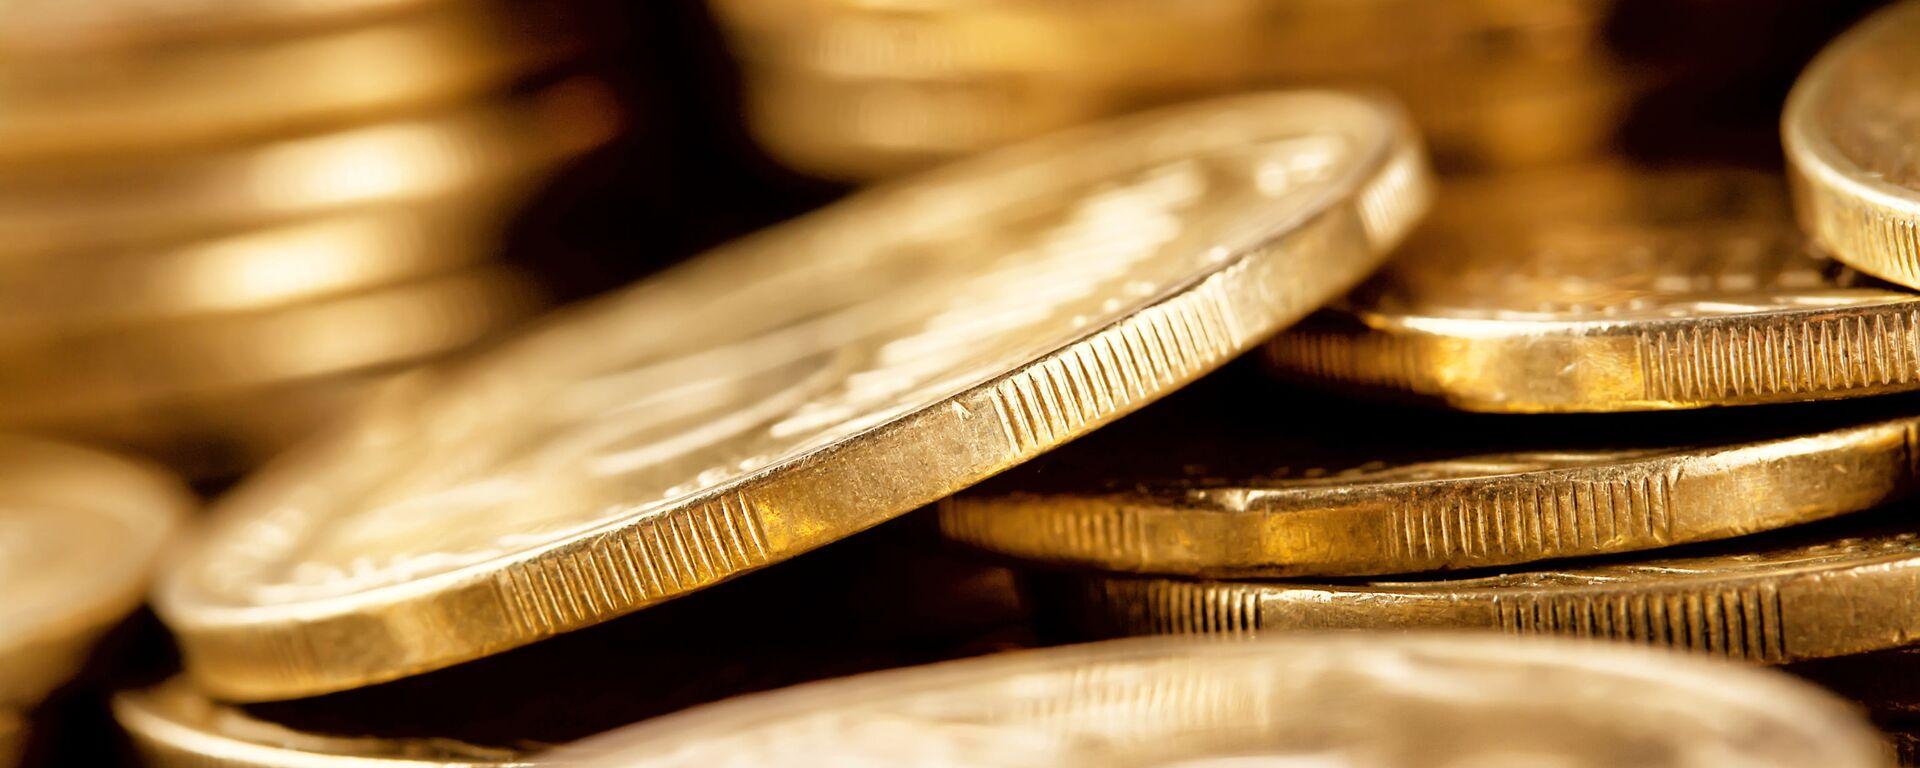 Monete d'oro - Sputnik Italia, 1920, 09.02.2021